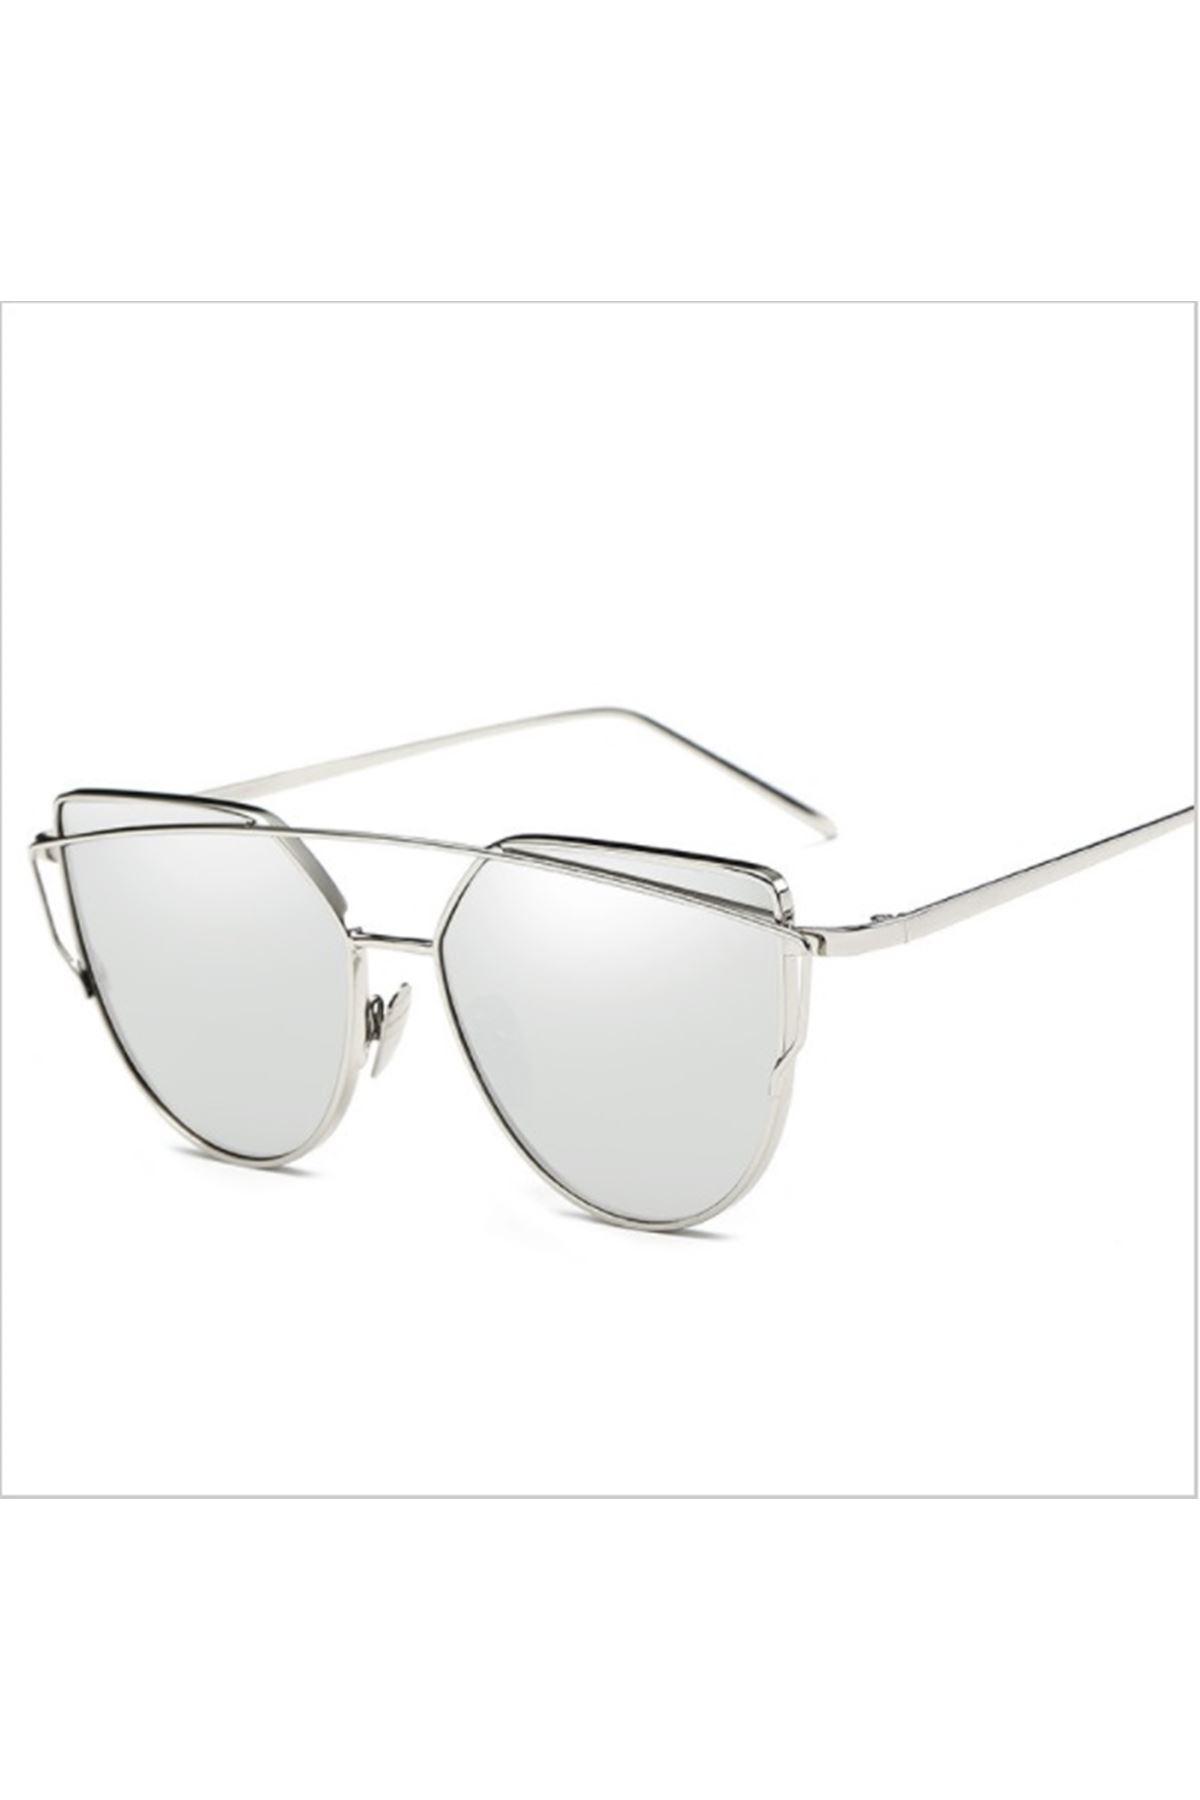 6000 Gümüş Ayna Kadın Gözlük